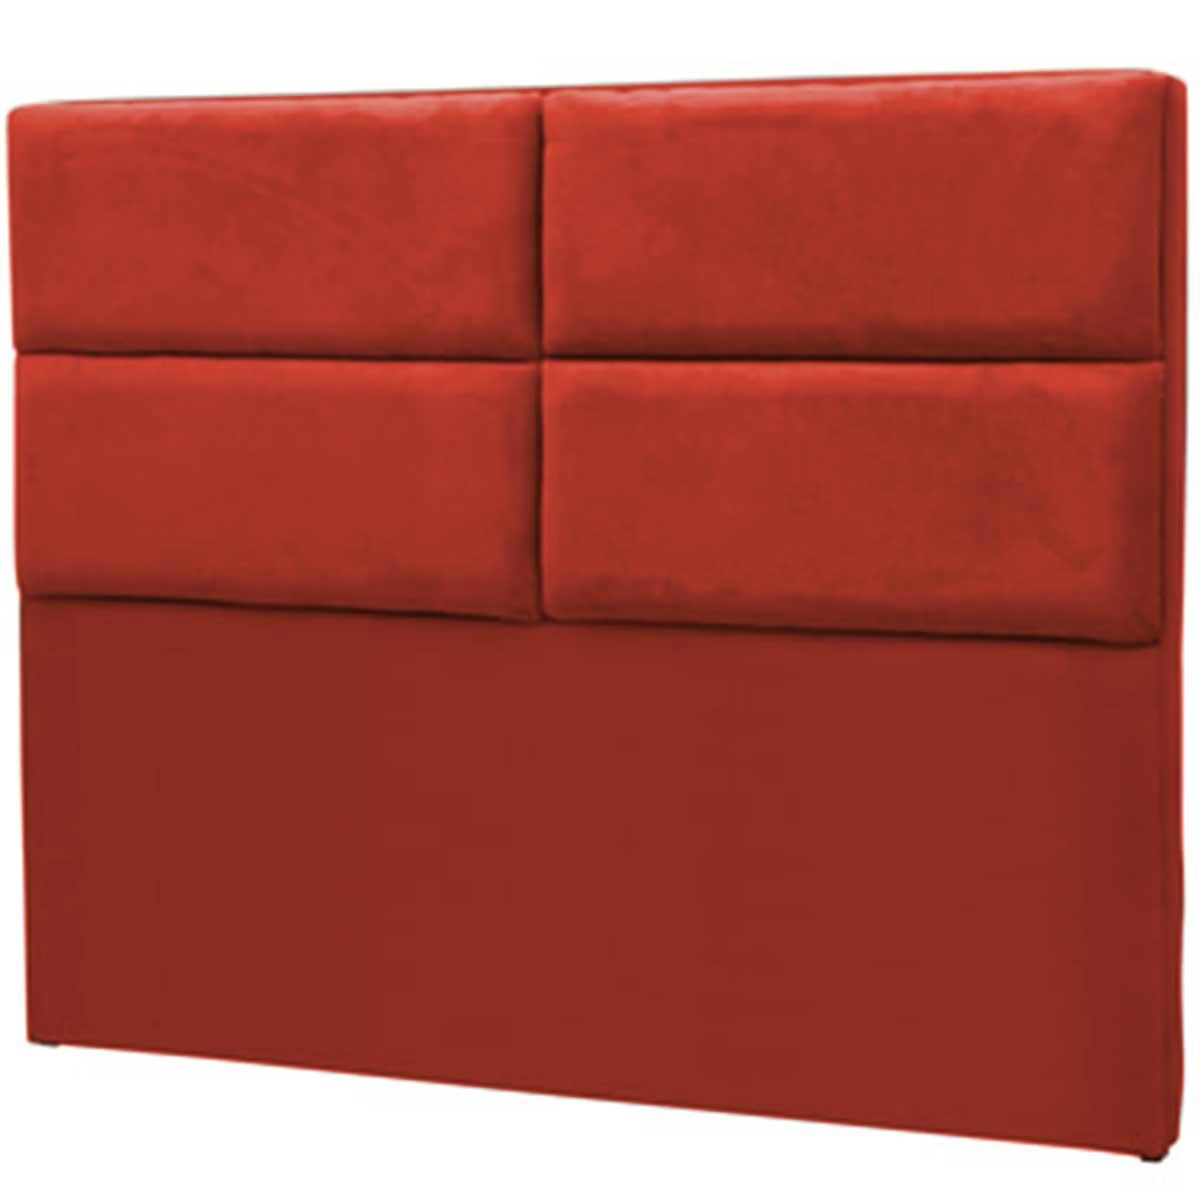 Cabeceira Barcelona King 195 cm Vermelho Perfan Móveis